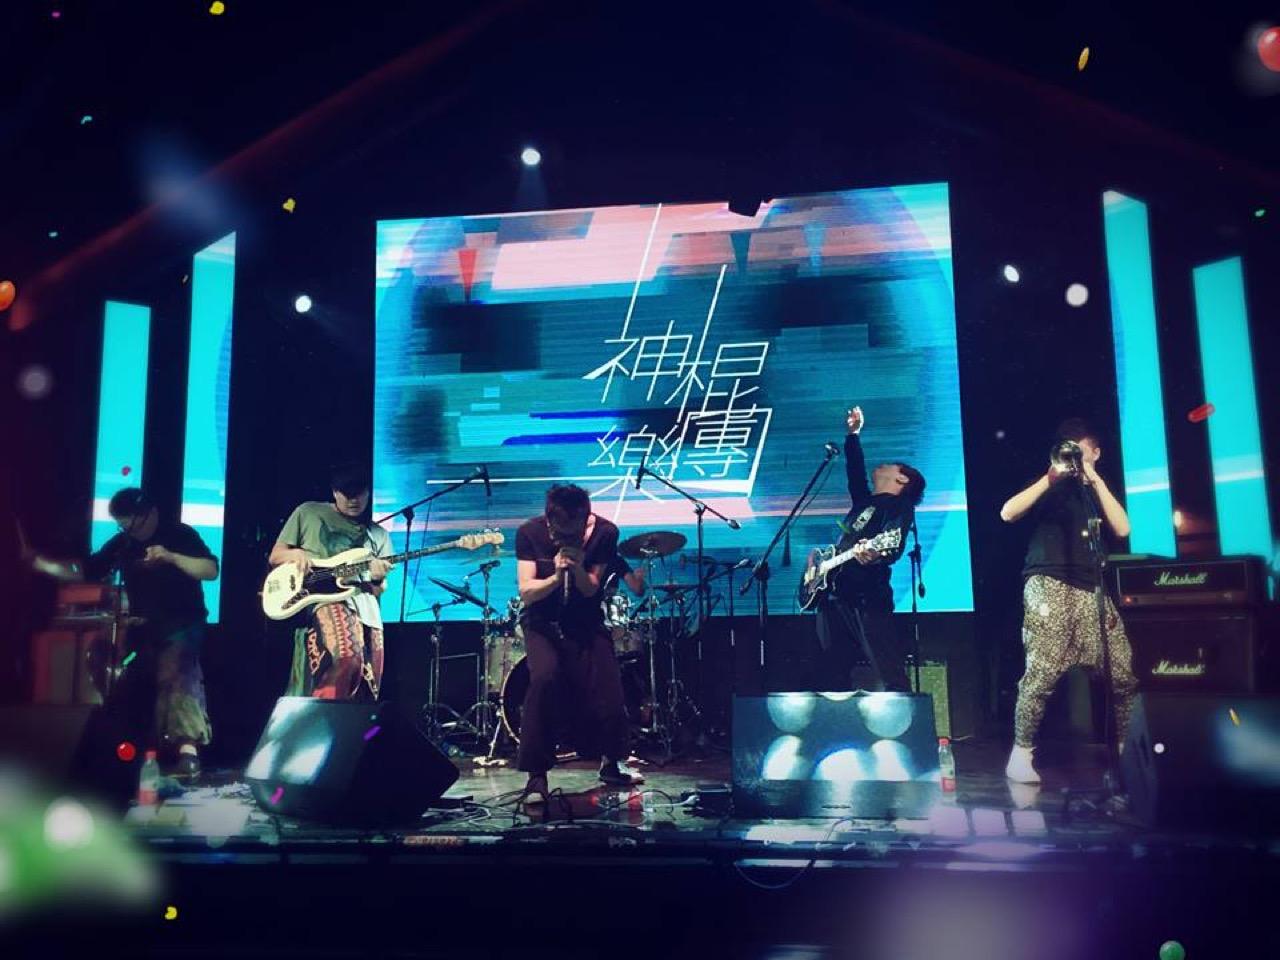 20160925中國南方四城巡演珠海發條橙子live House